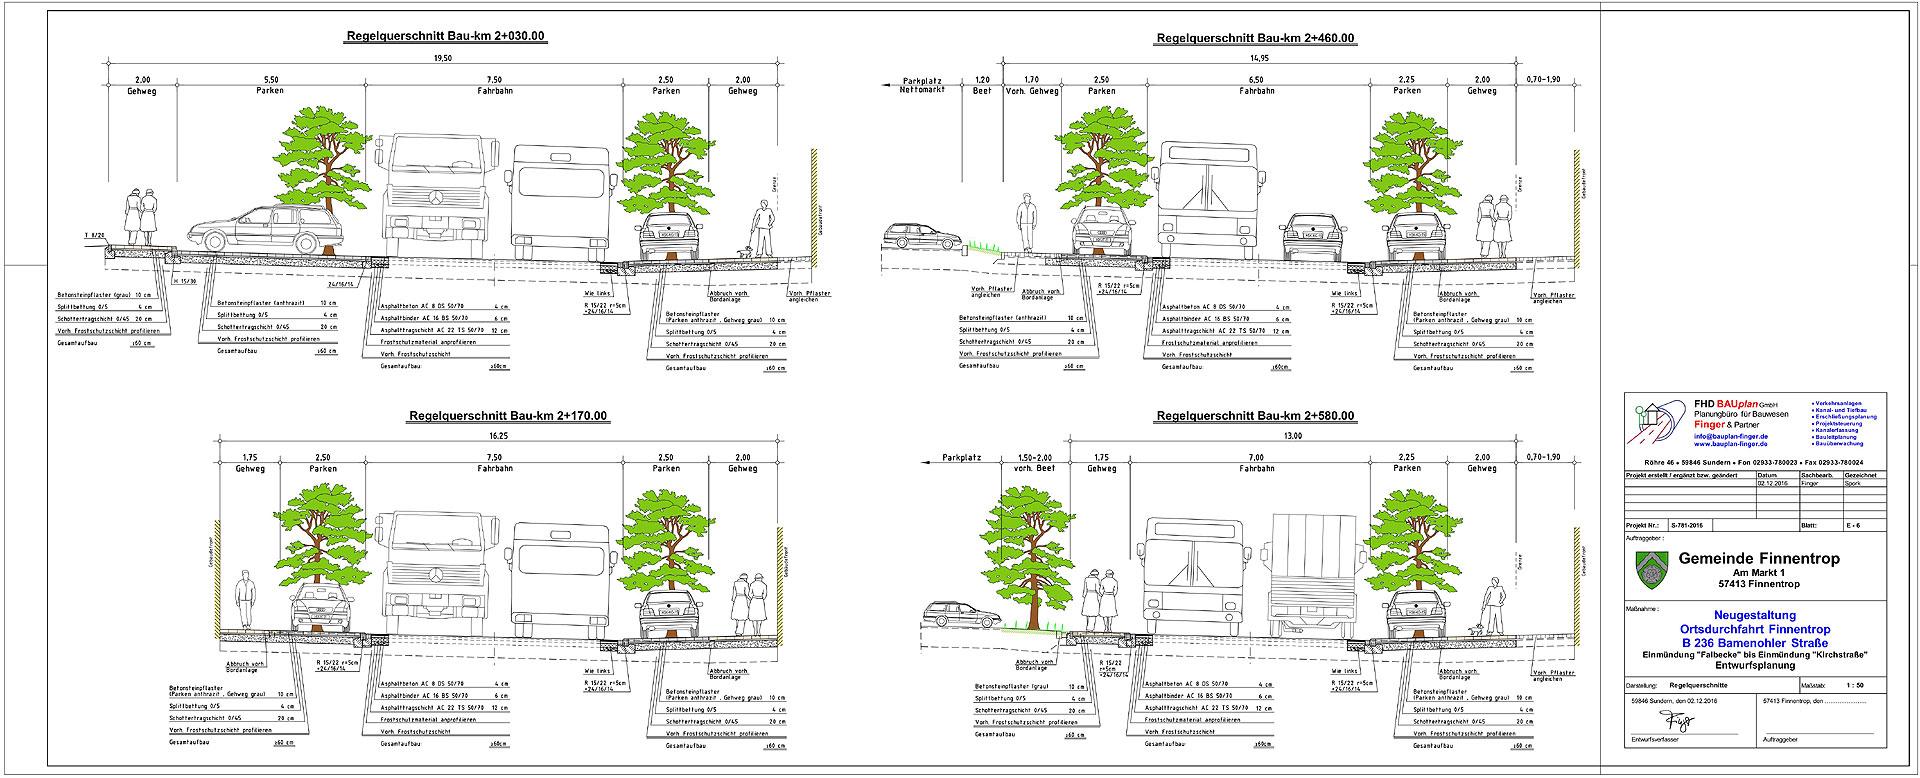 Entwurfsplanung Umbau OD Finnentrop - B 236 - FINGER